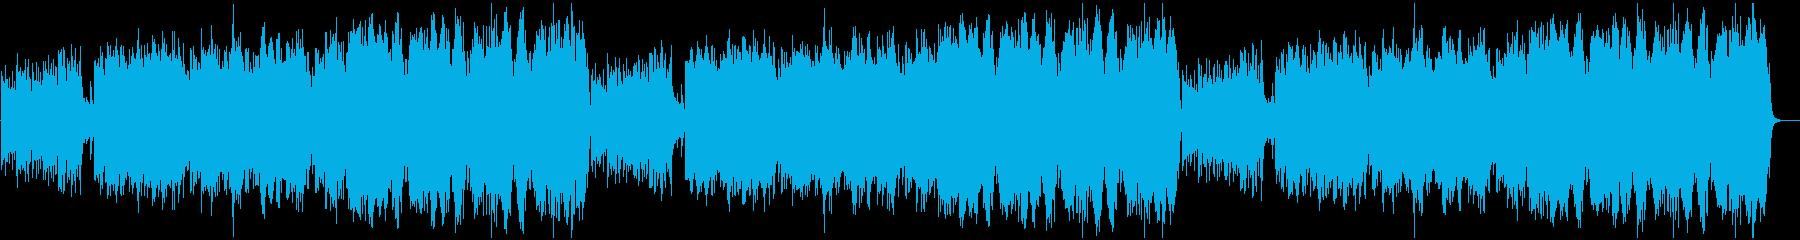 ニュースの天気予報・リラックスBGMにの再生済みの波形